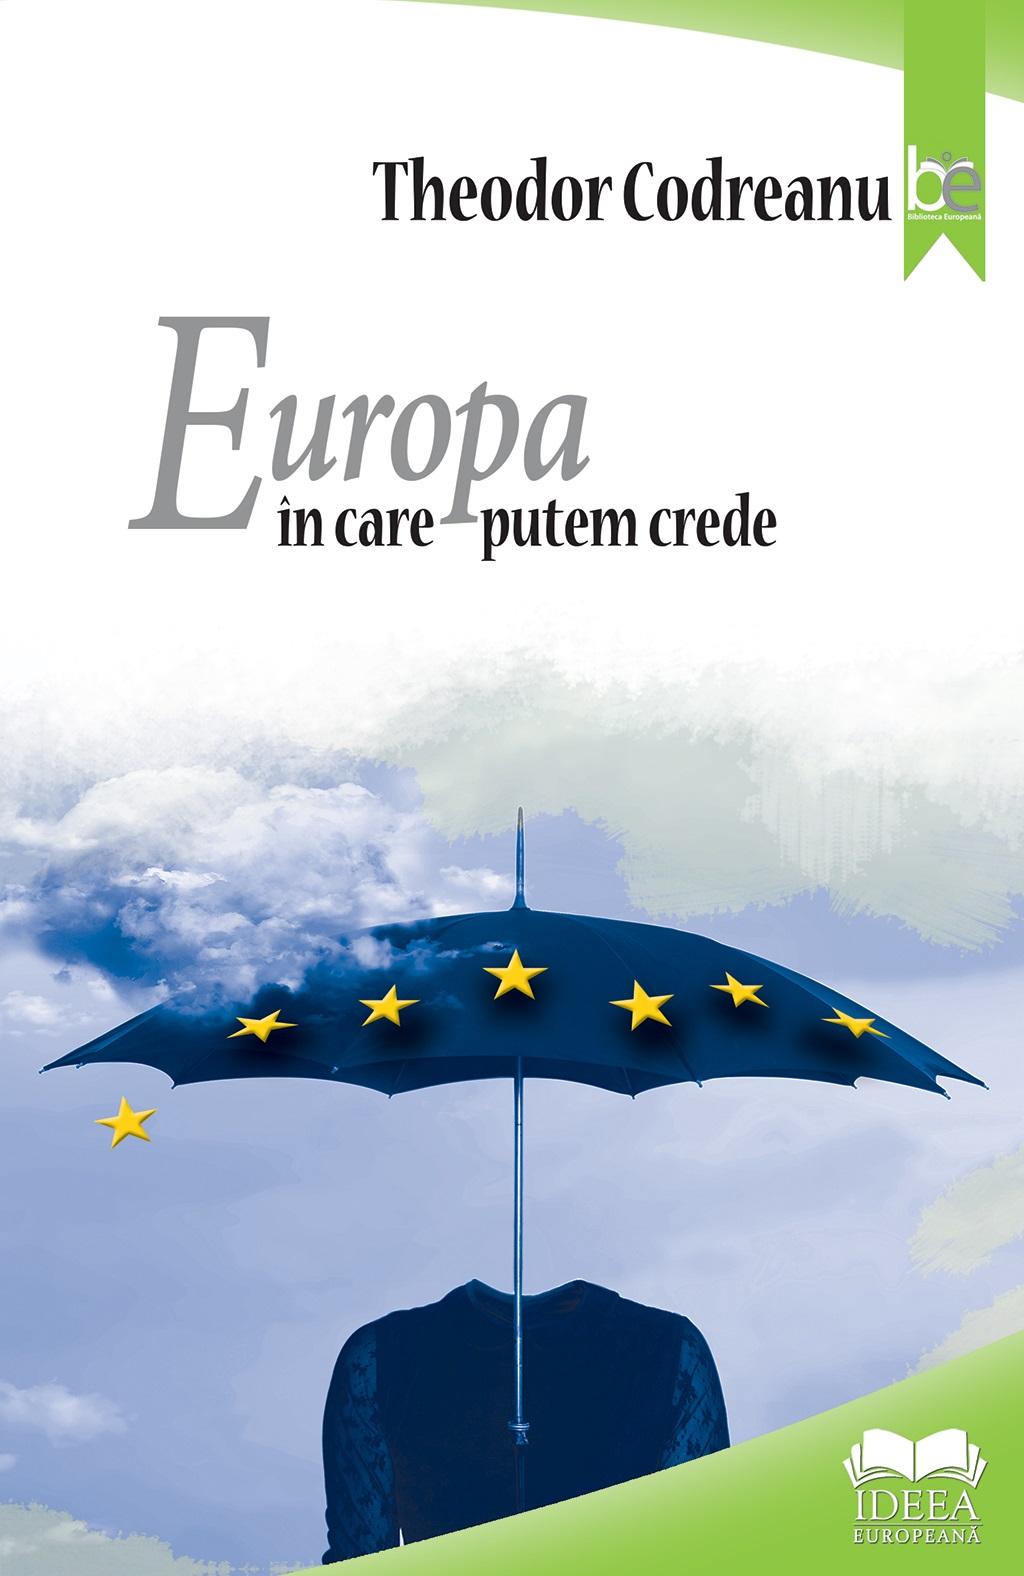 Europa in care putem crede